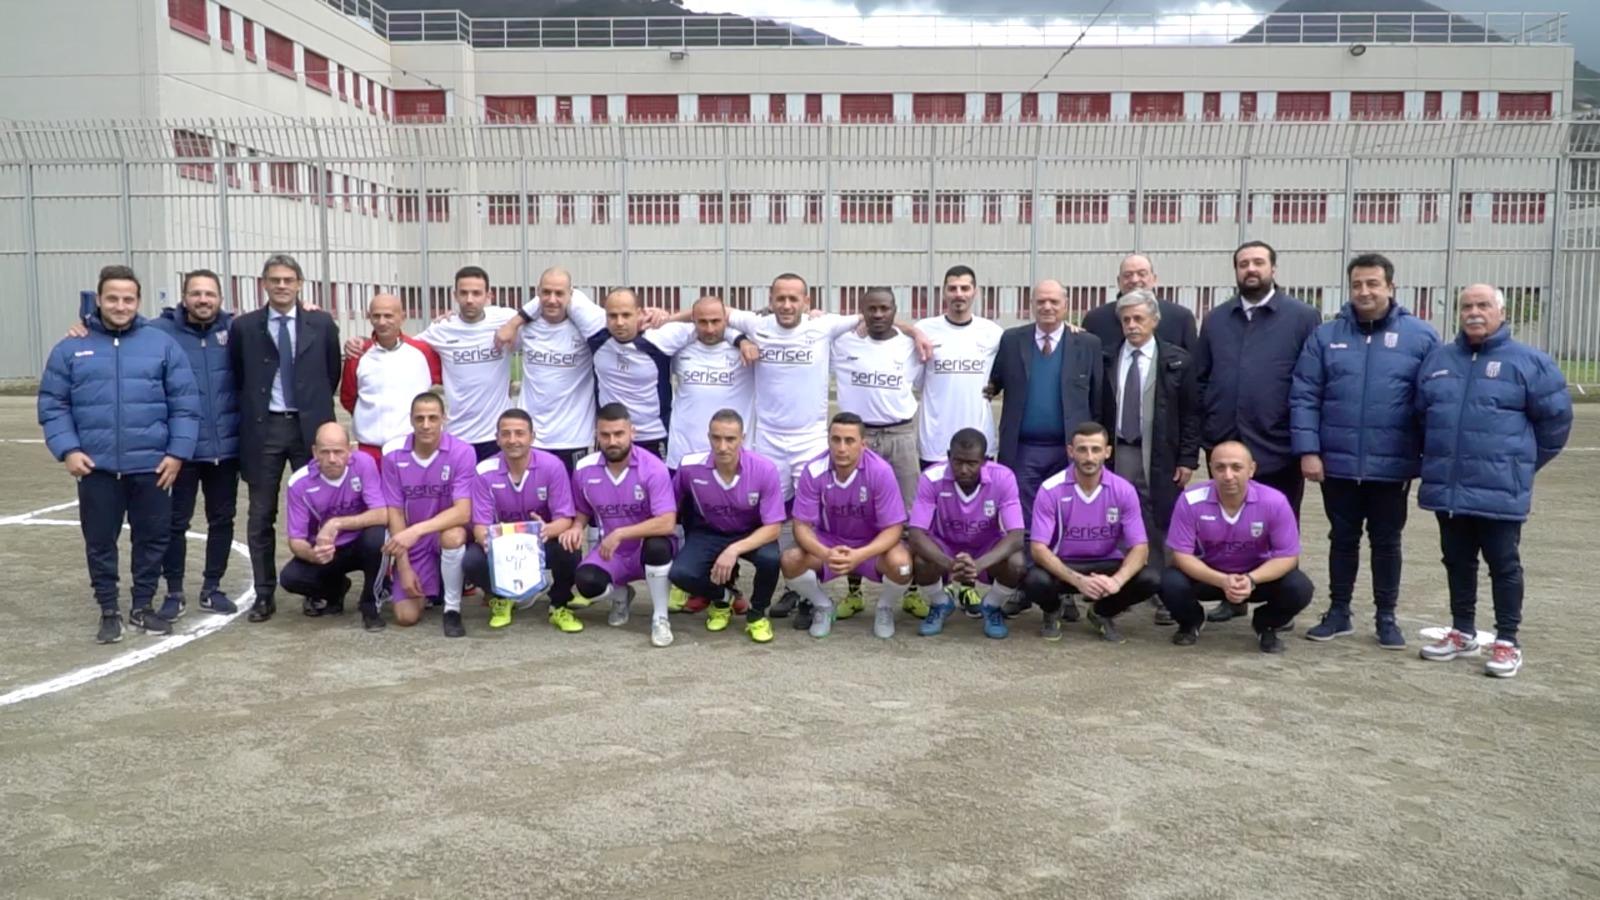 Il sogno della squadra dei detenuti di Paolapresentazione ed esordio nel campionato di calcio a 5